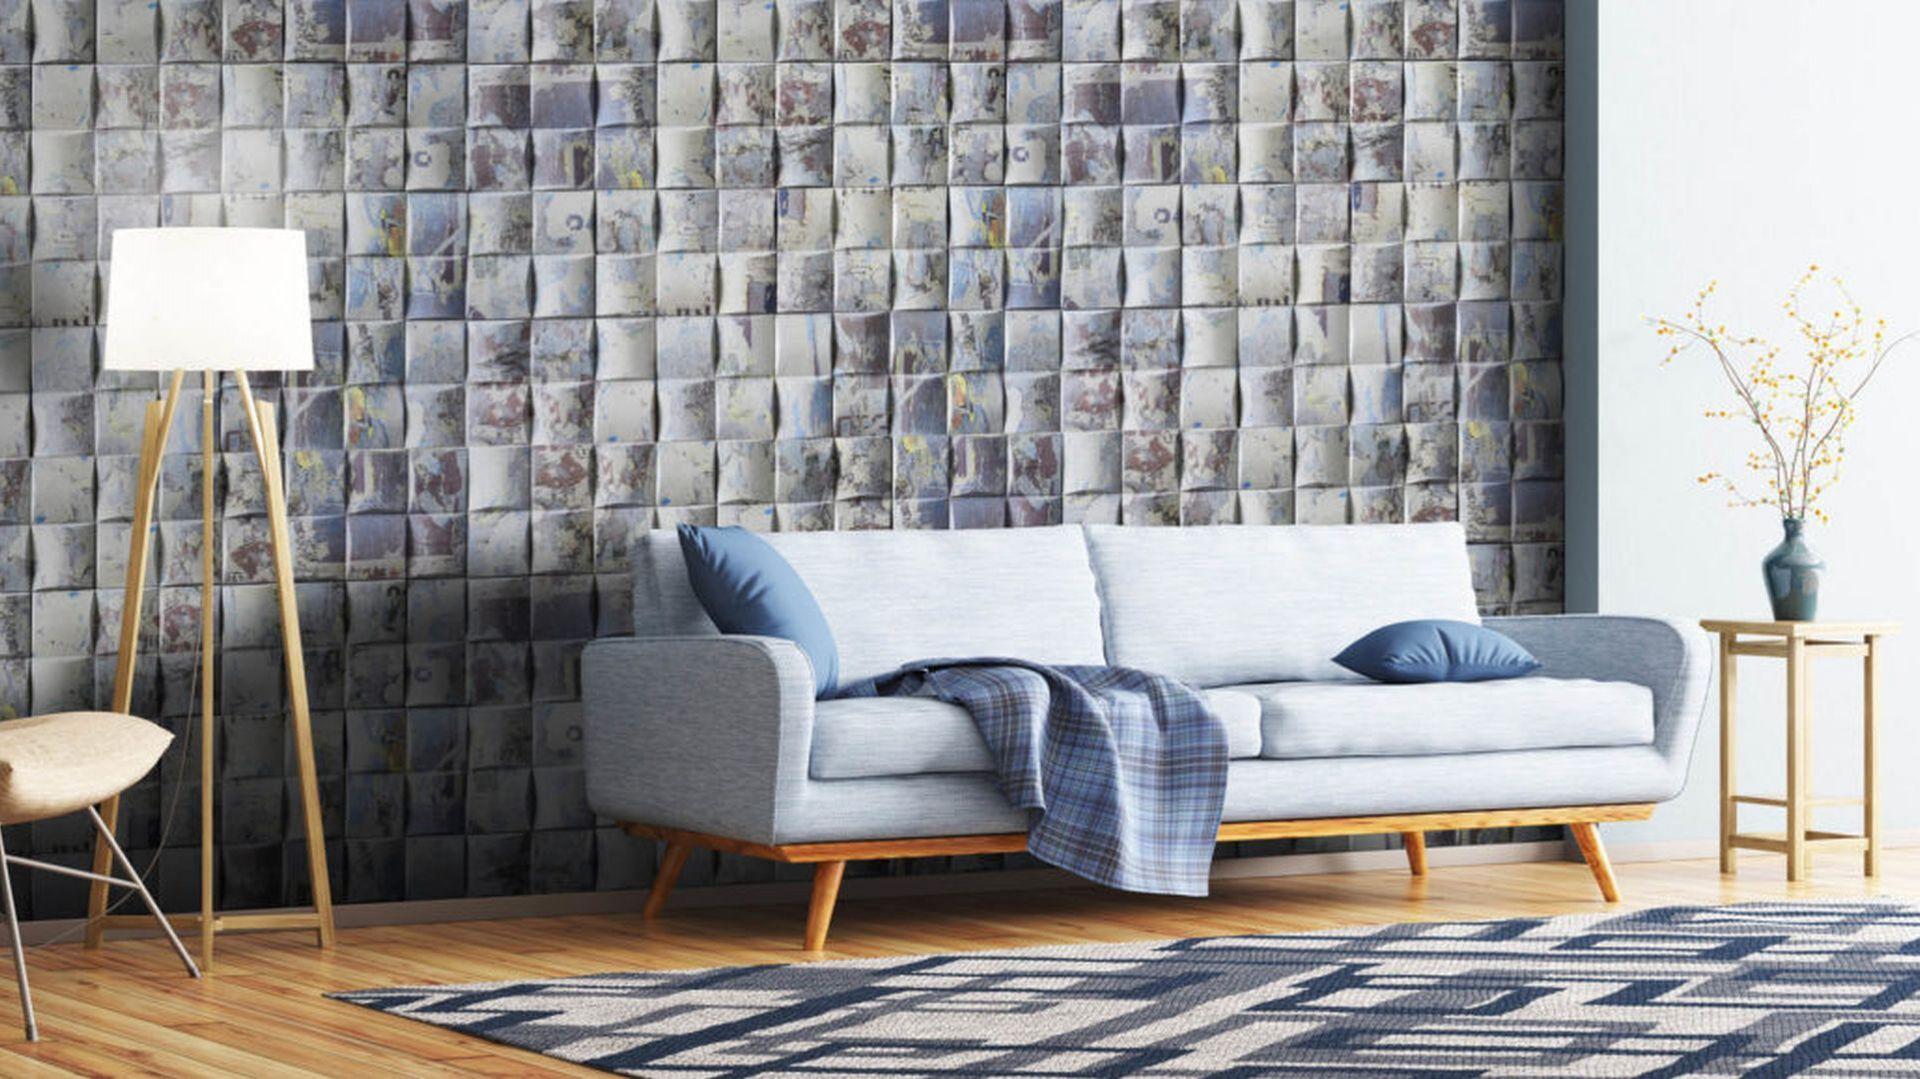 Kamień dekoracyjny Graffiti stanowi idealne rozwiązanie do wykończenia nowoczesnych aranżacji przestrzeni w stylu loftowym czy wnętrz młodzieżowych, podkreślając takie cechy jak osobowość, energia, świeżość, nieszablonowość i odwaga. Fot. Stone Master